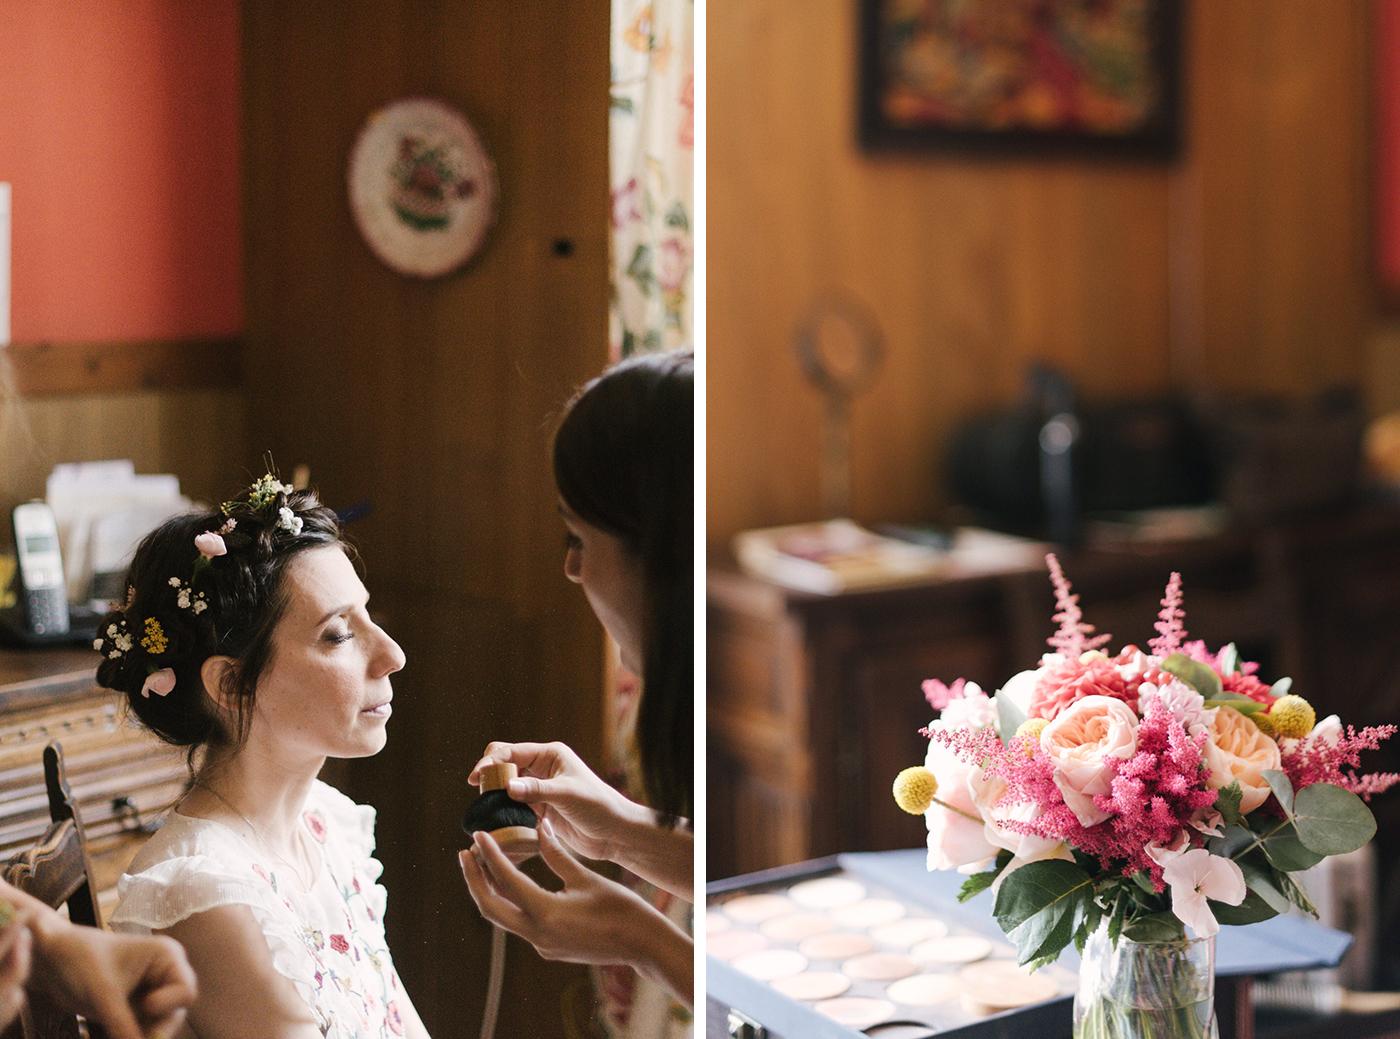 Photographe mariage grenoble fontainebleau nature montagne guinguette paris